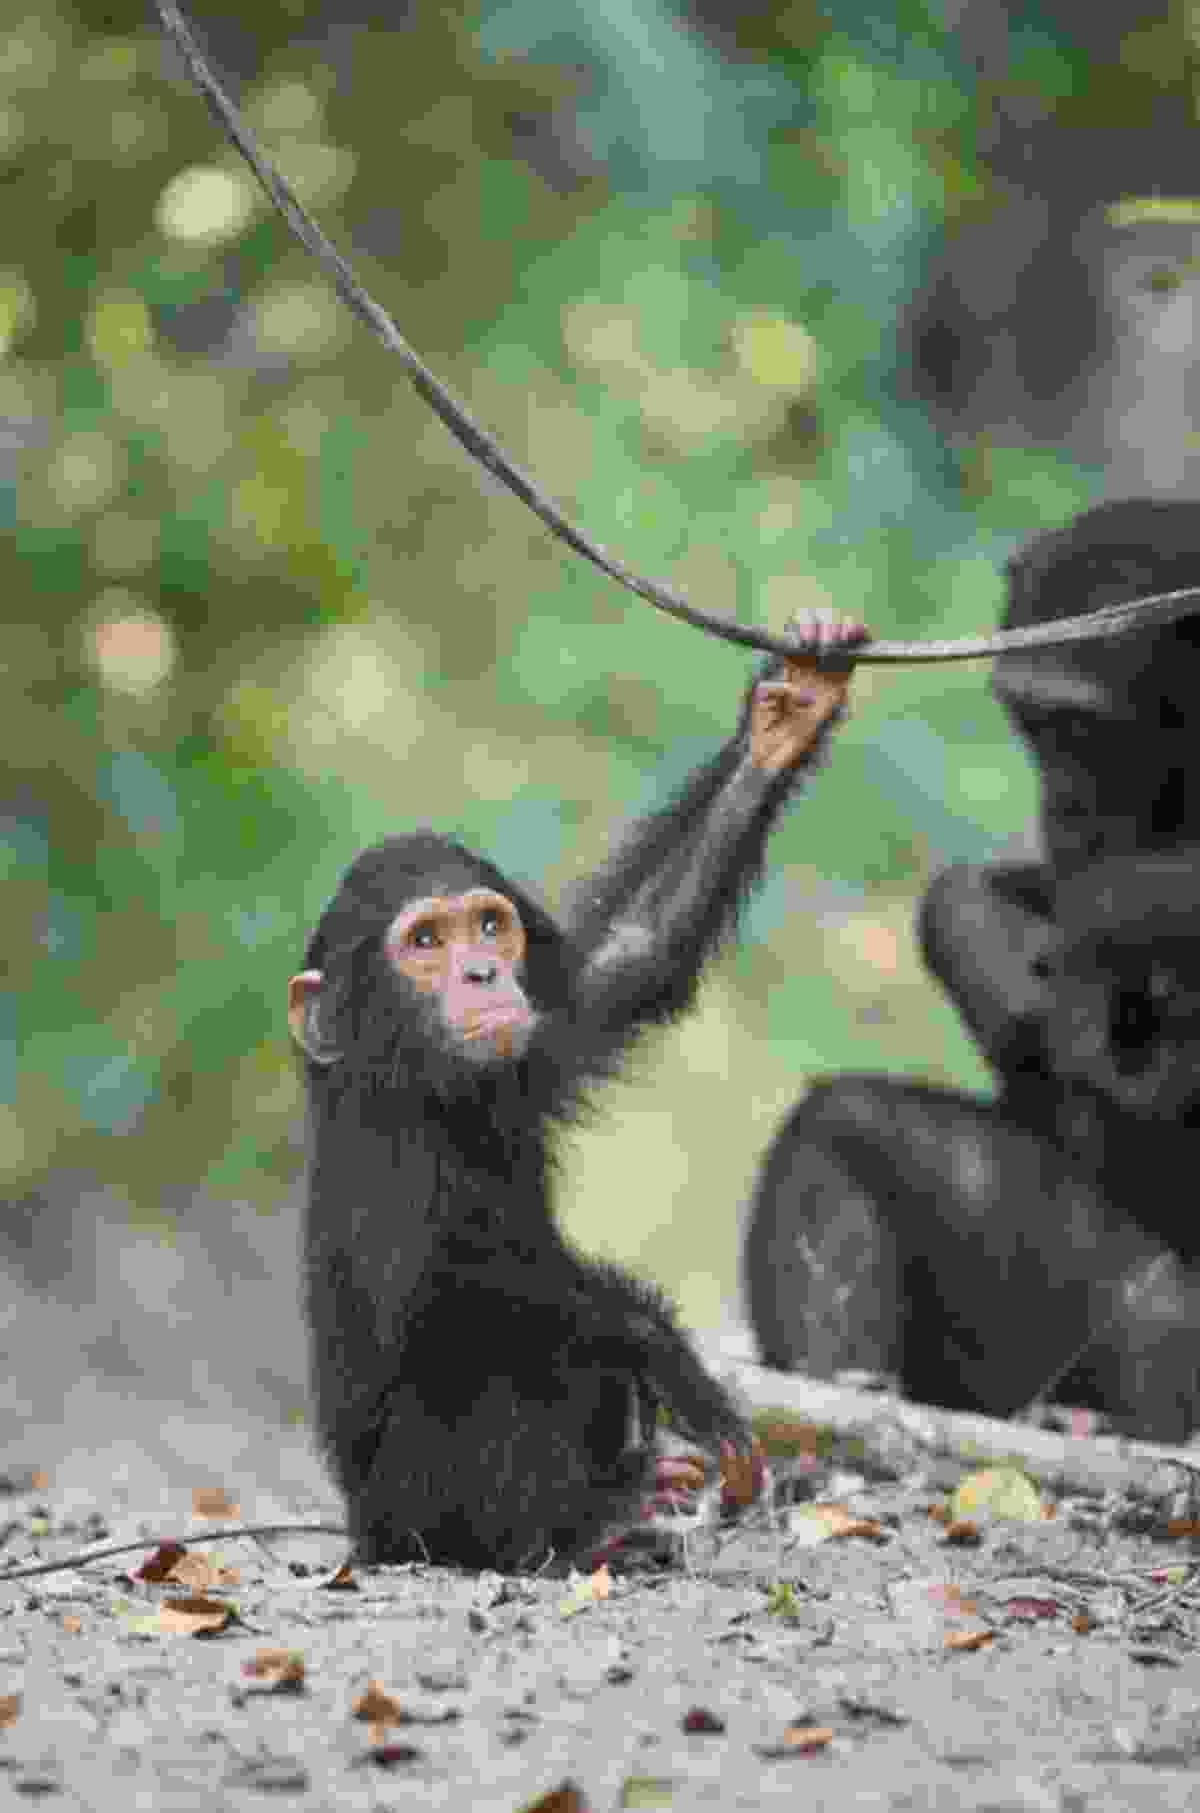 Chimpanzee, Mahale, Tanzania (Kate Malone)